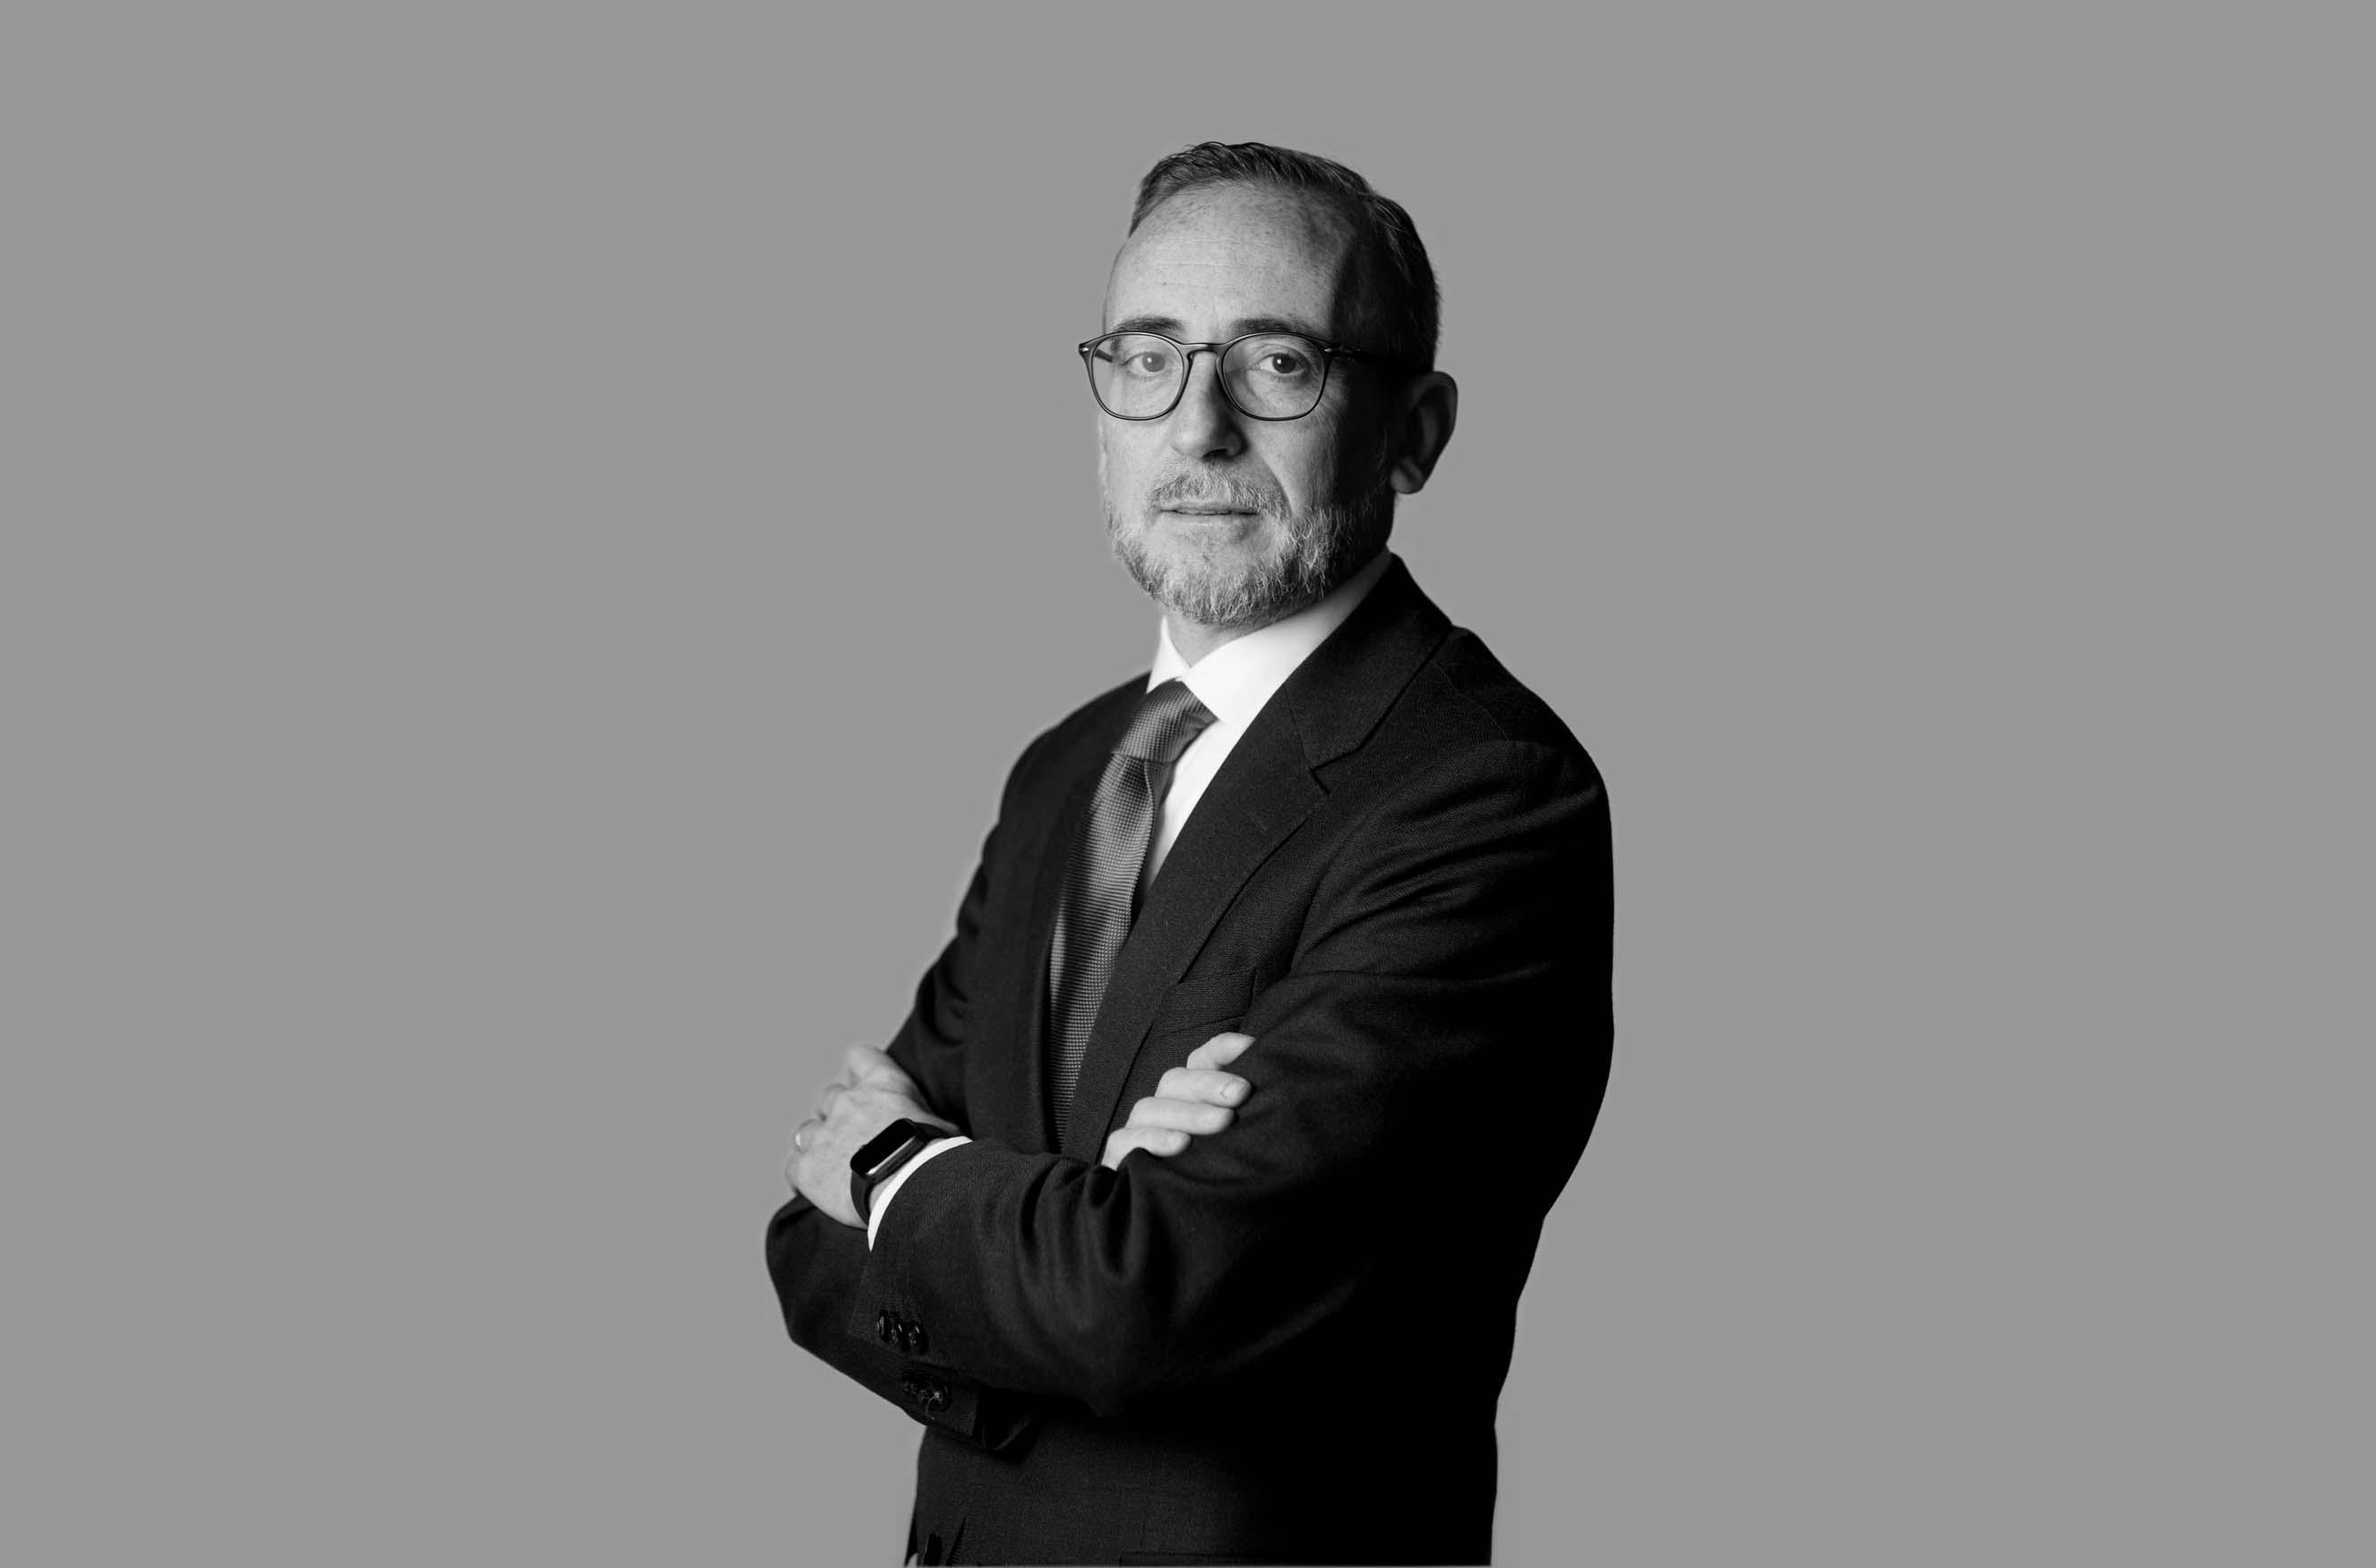 Chiomenti presenta il nuovo responsabile IT dello Studio, Davide Albanese